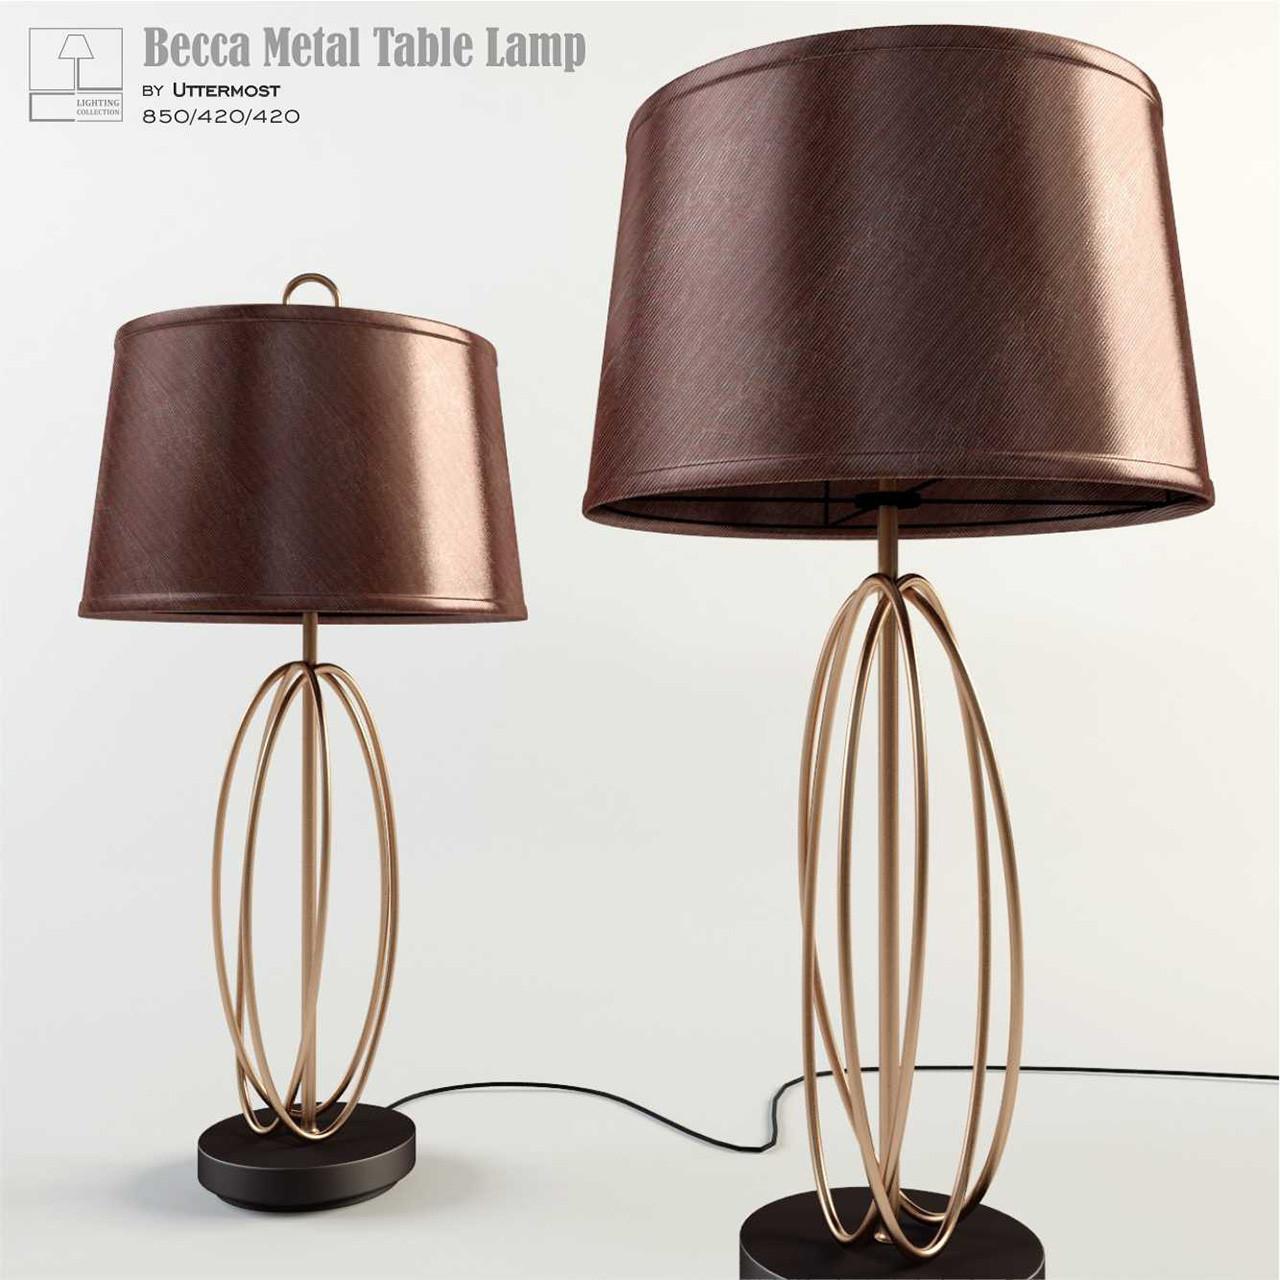 Becca Metal Table Lamp